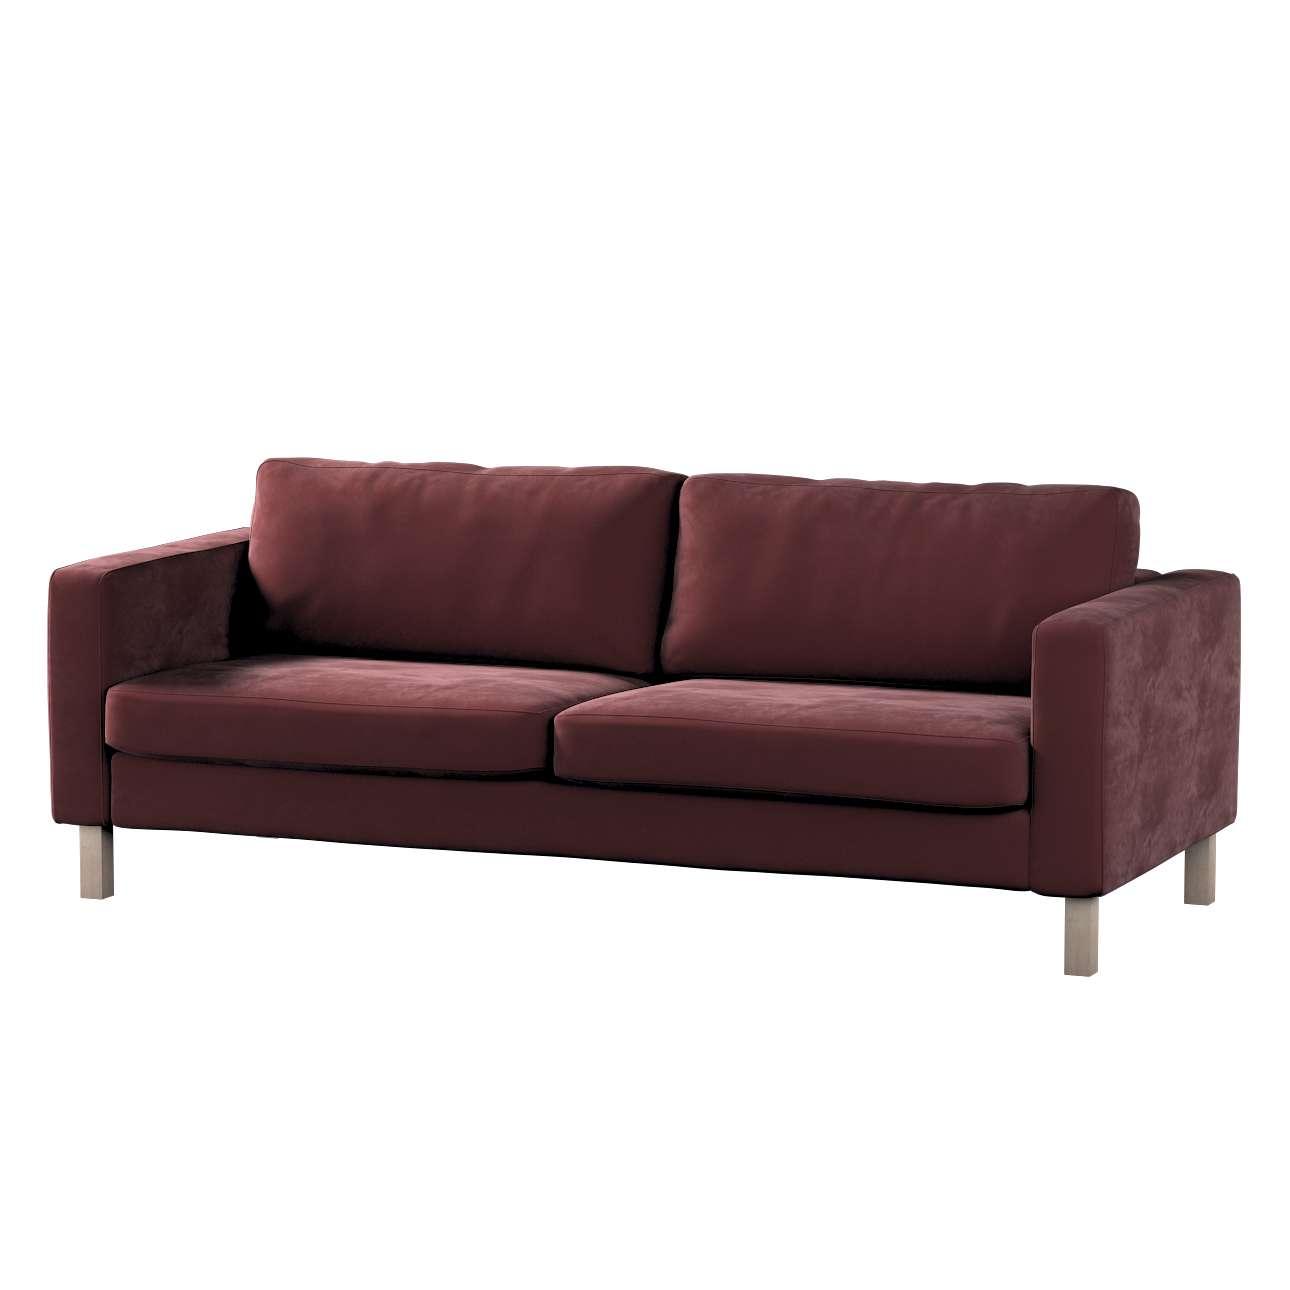 Pokrowiec na sofę Karlstad 3-osobową nierozkładaną, krótki w kolekcji Velvet, tkanina: 704-26